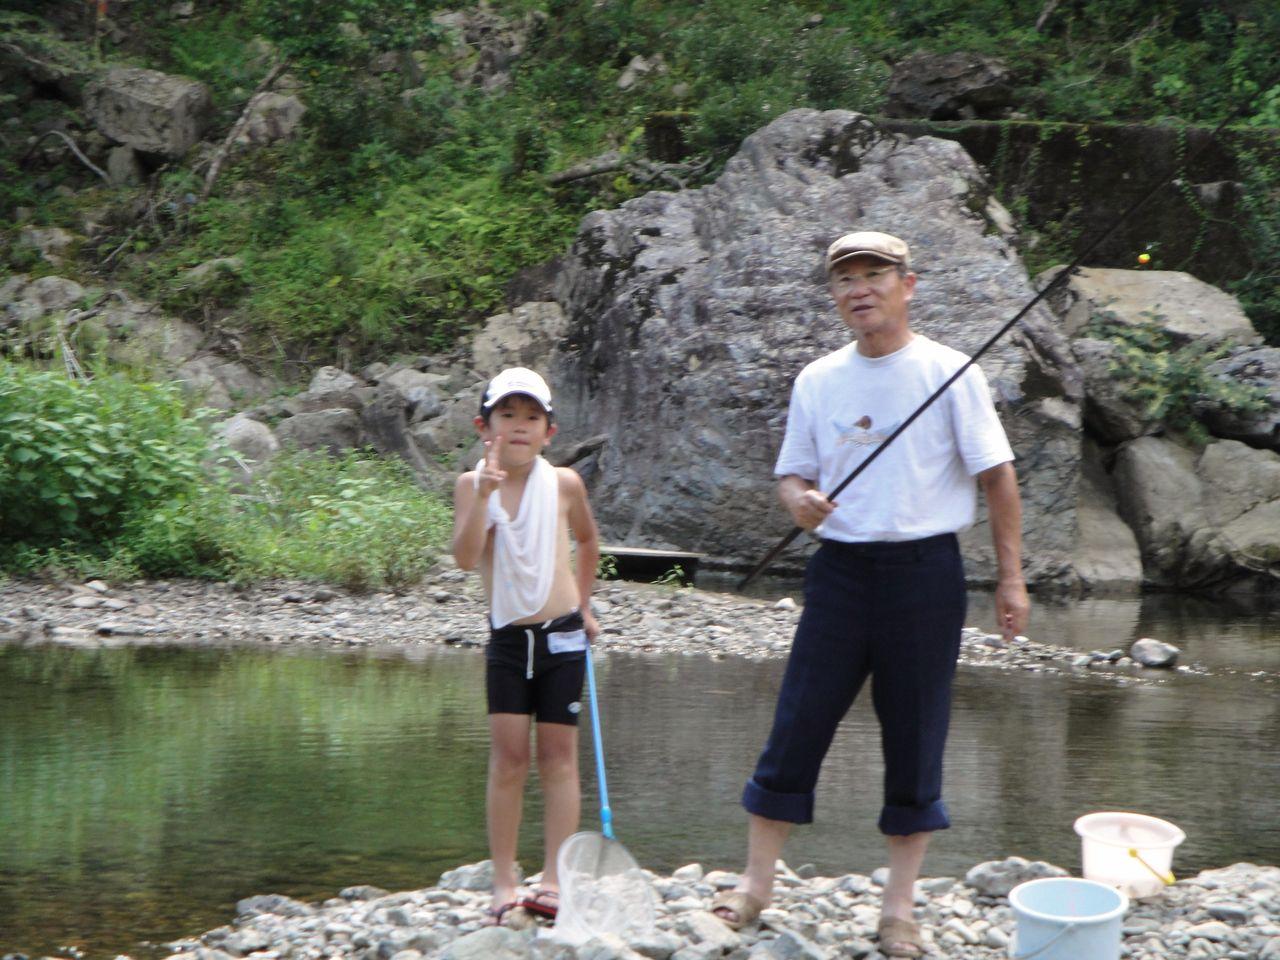 大杉谷川遊び6 DIY中部 : 日本一の清流、宮川の上流で川遊び DIY中部 DIY中部は、正式